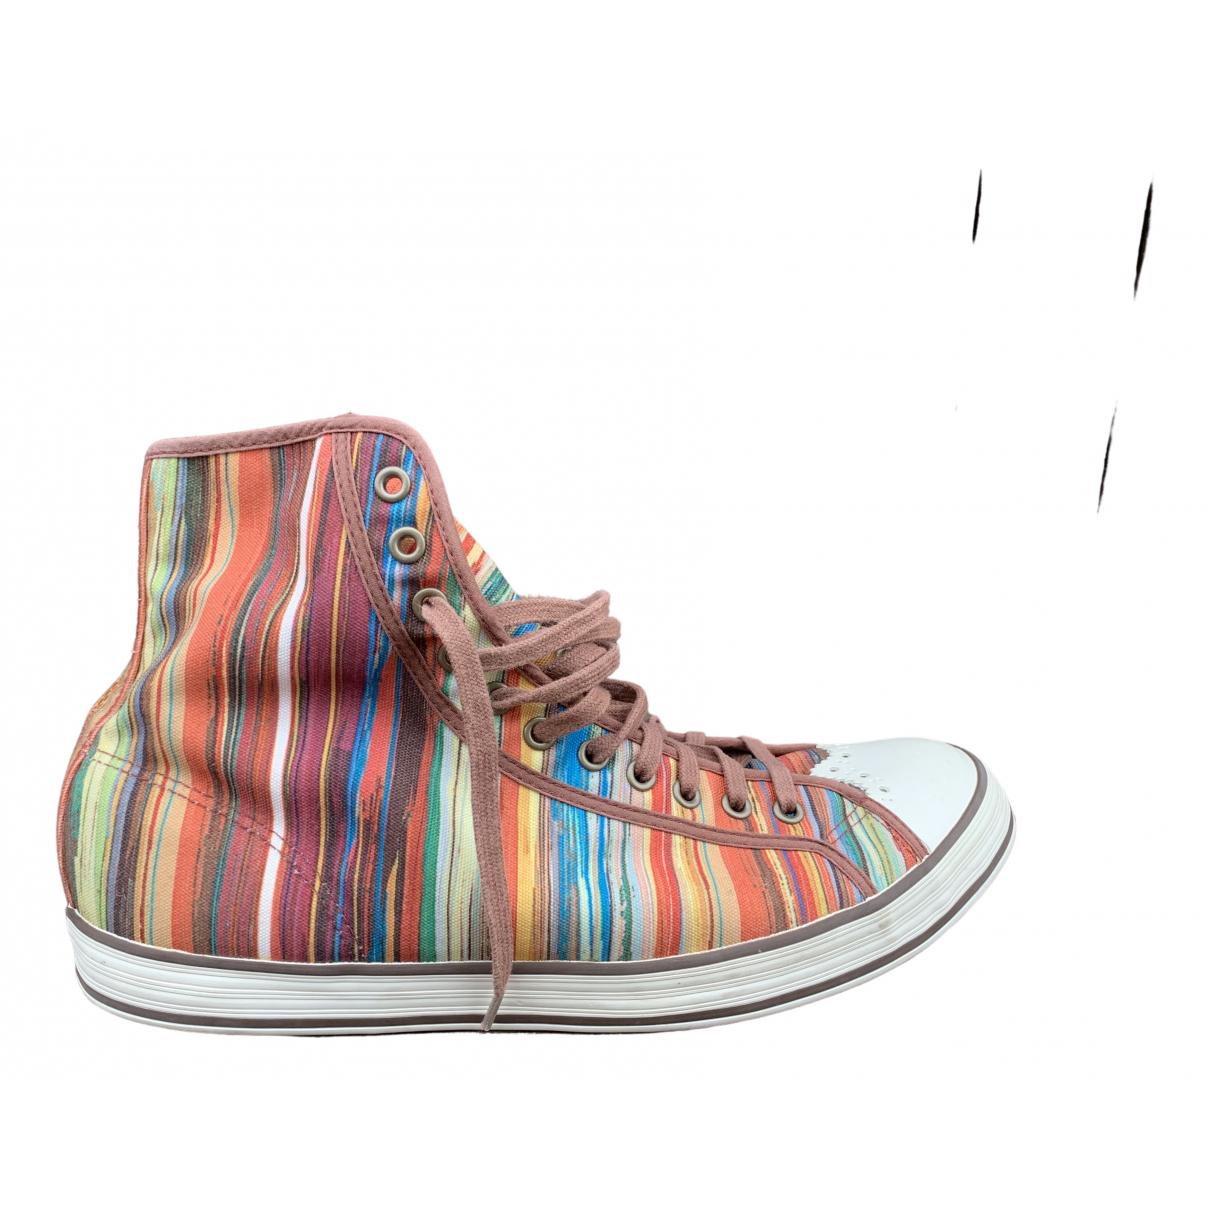 Paul Smith - Baskets   pour homme en toile - multicolore